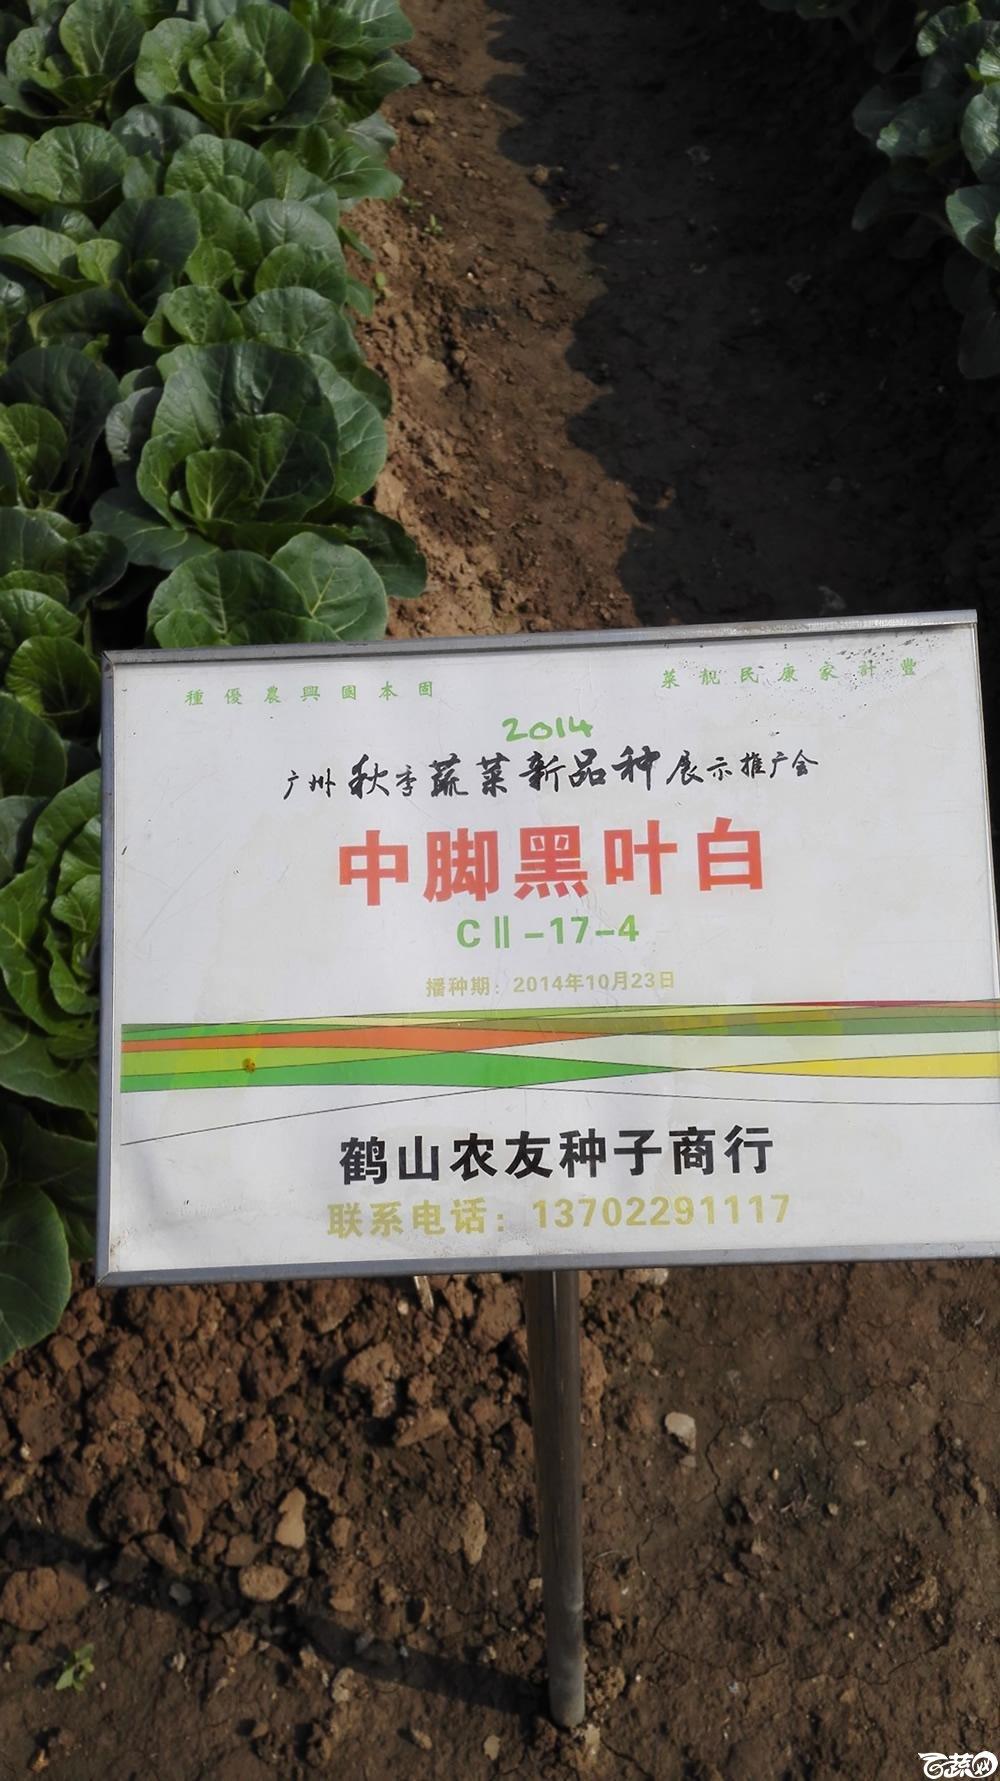 2014年12月10号广州市农科院南沙秋季蔬菜新品种展示会_叶菜_151.jpg